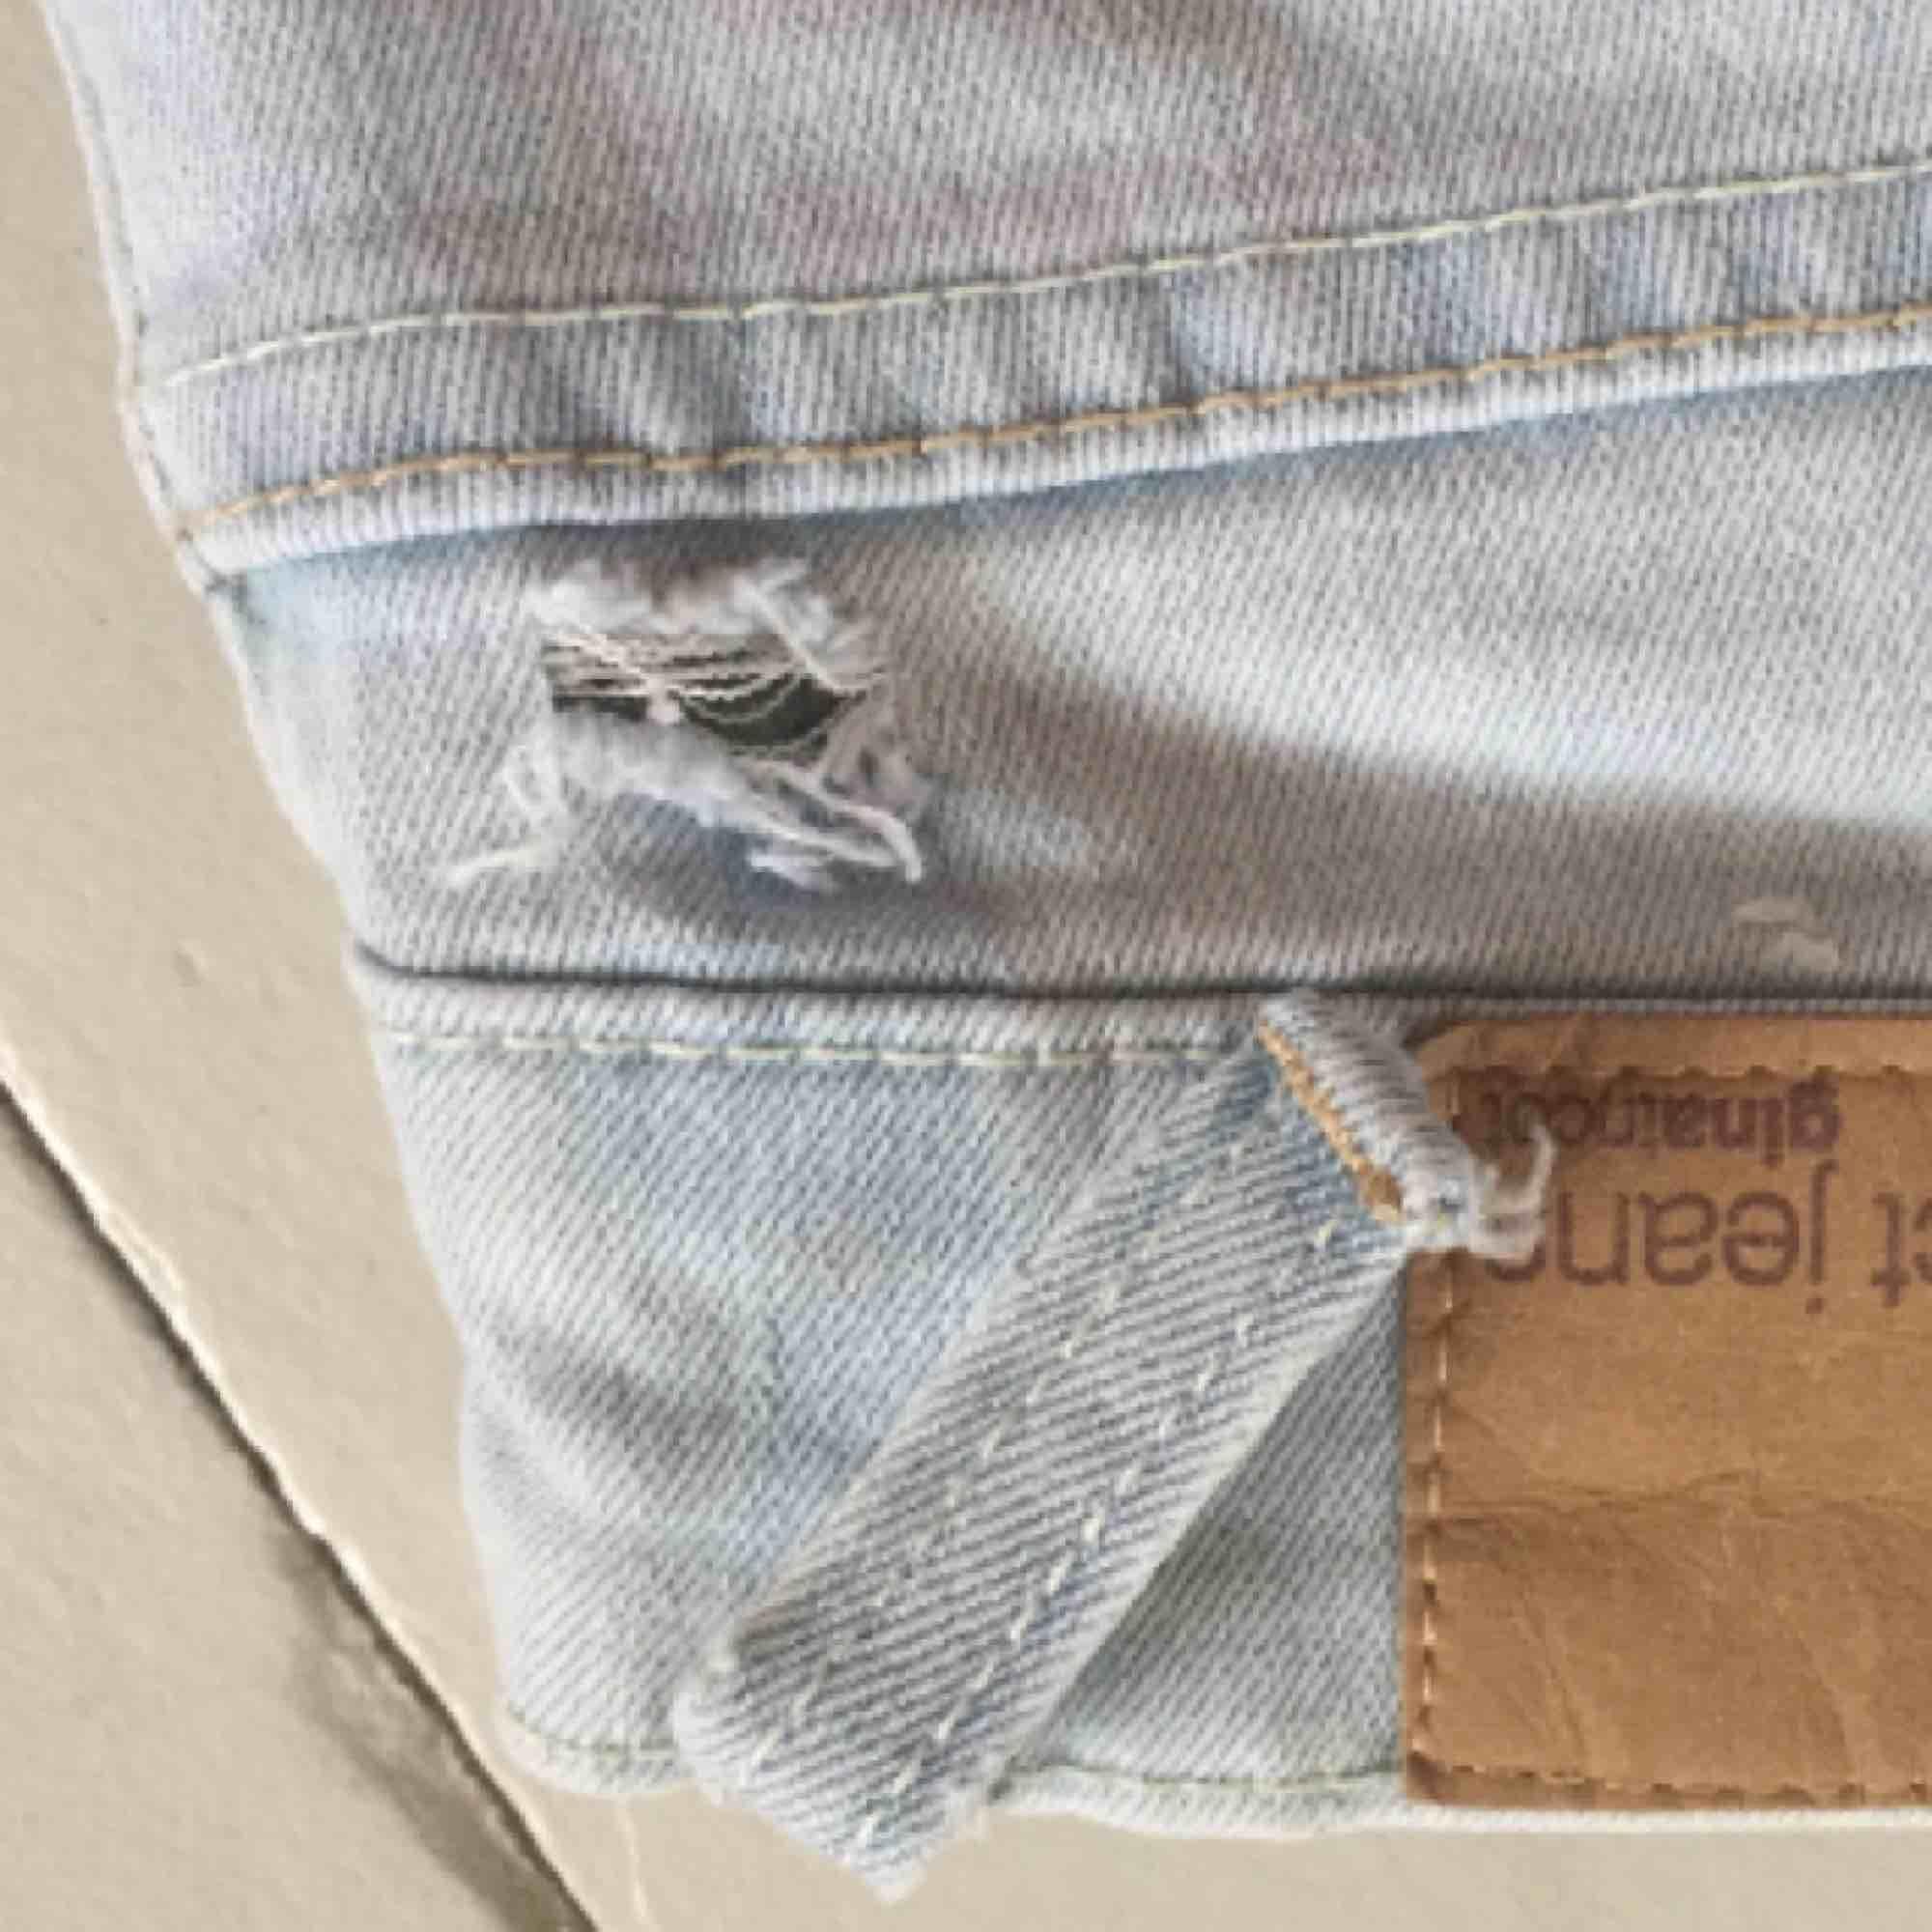 Tajta jeans i en jättefin ljus färg som är i toppen skick förutom att en skärphållare har gått sönder (bild 3) . Jeans & Byxor.